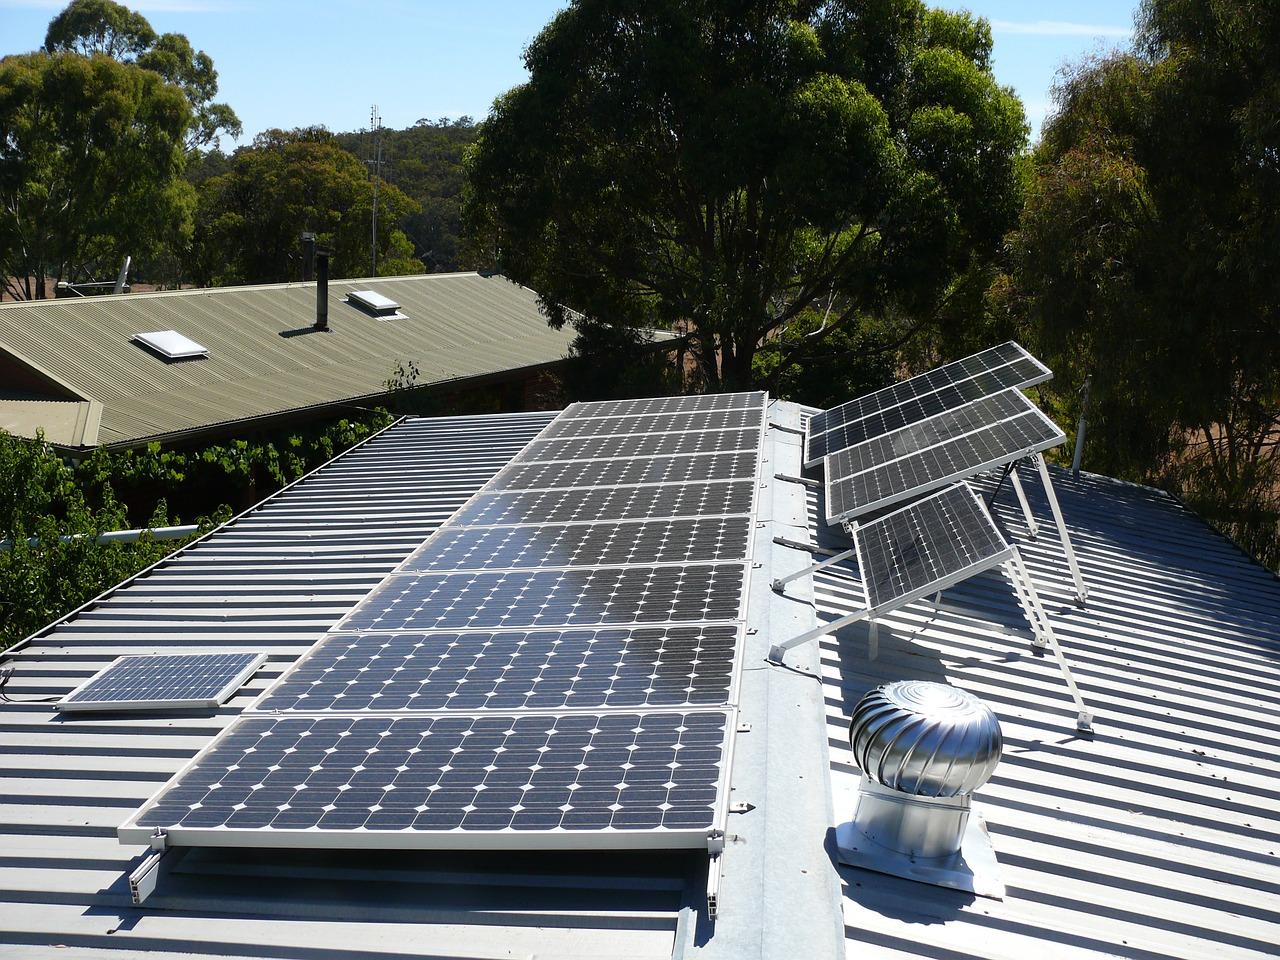 Siekiant kompensacijų saulės elektrinėms įsirengti – gyventojų bandymai sukčiauti